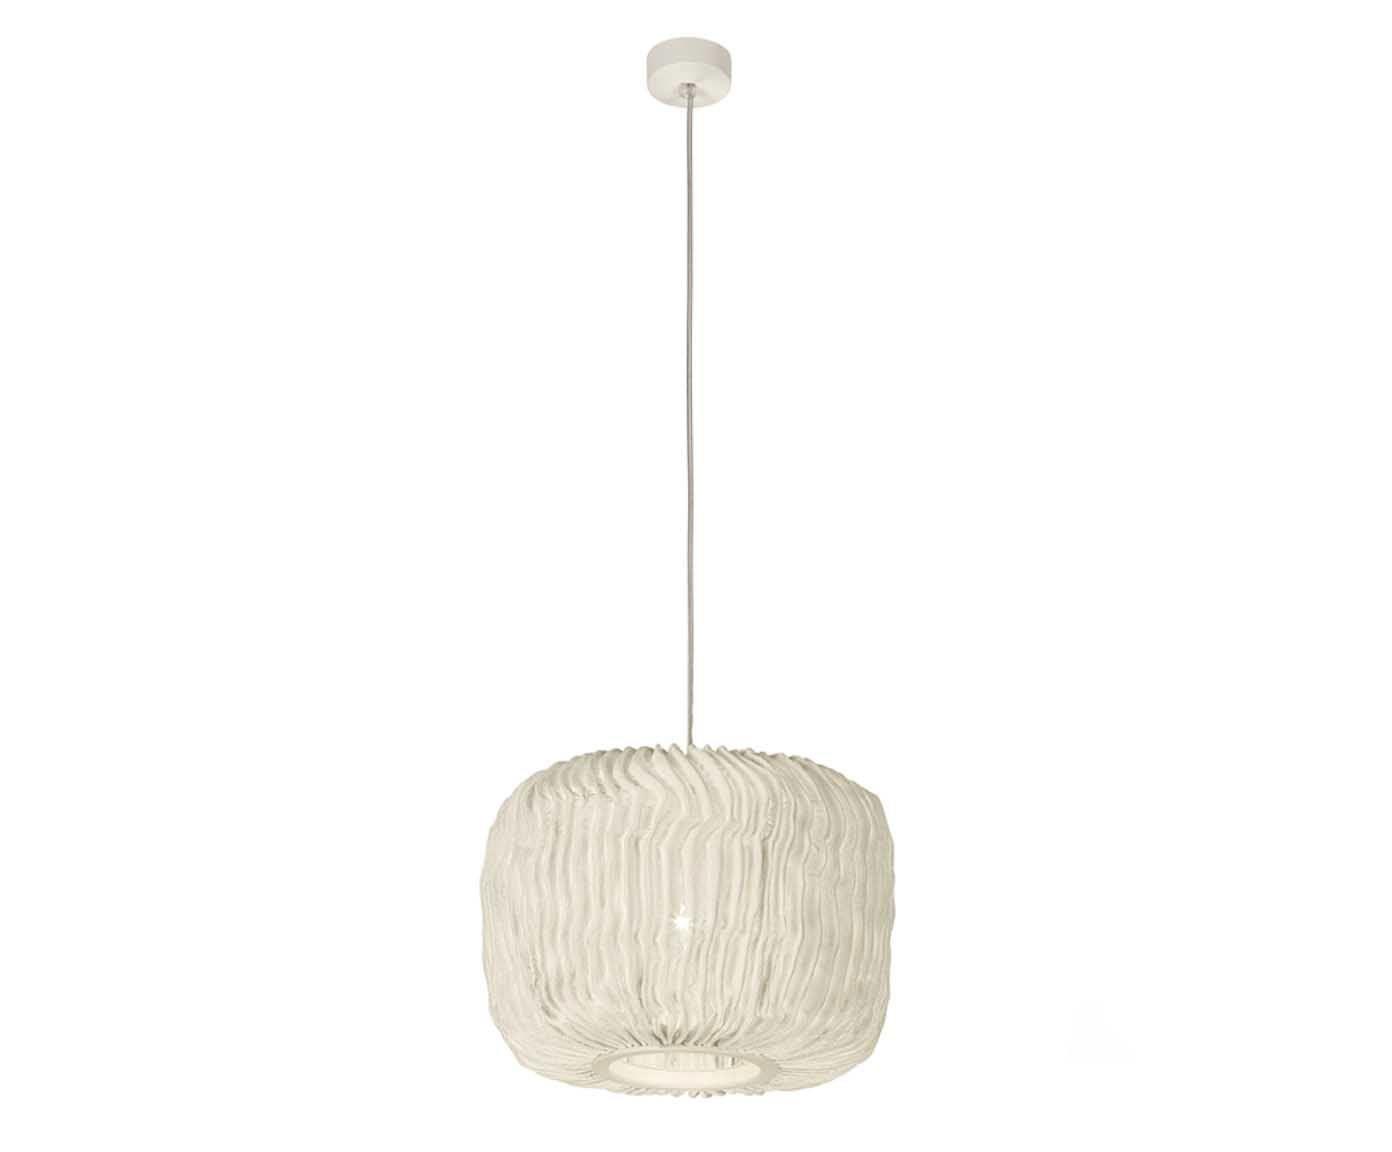 Pendente coral sea - la lampe | Westwing.com.br